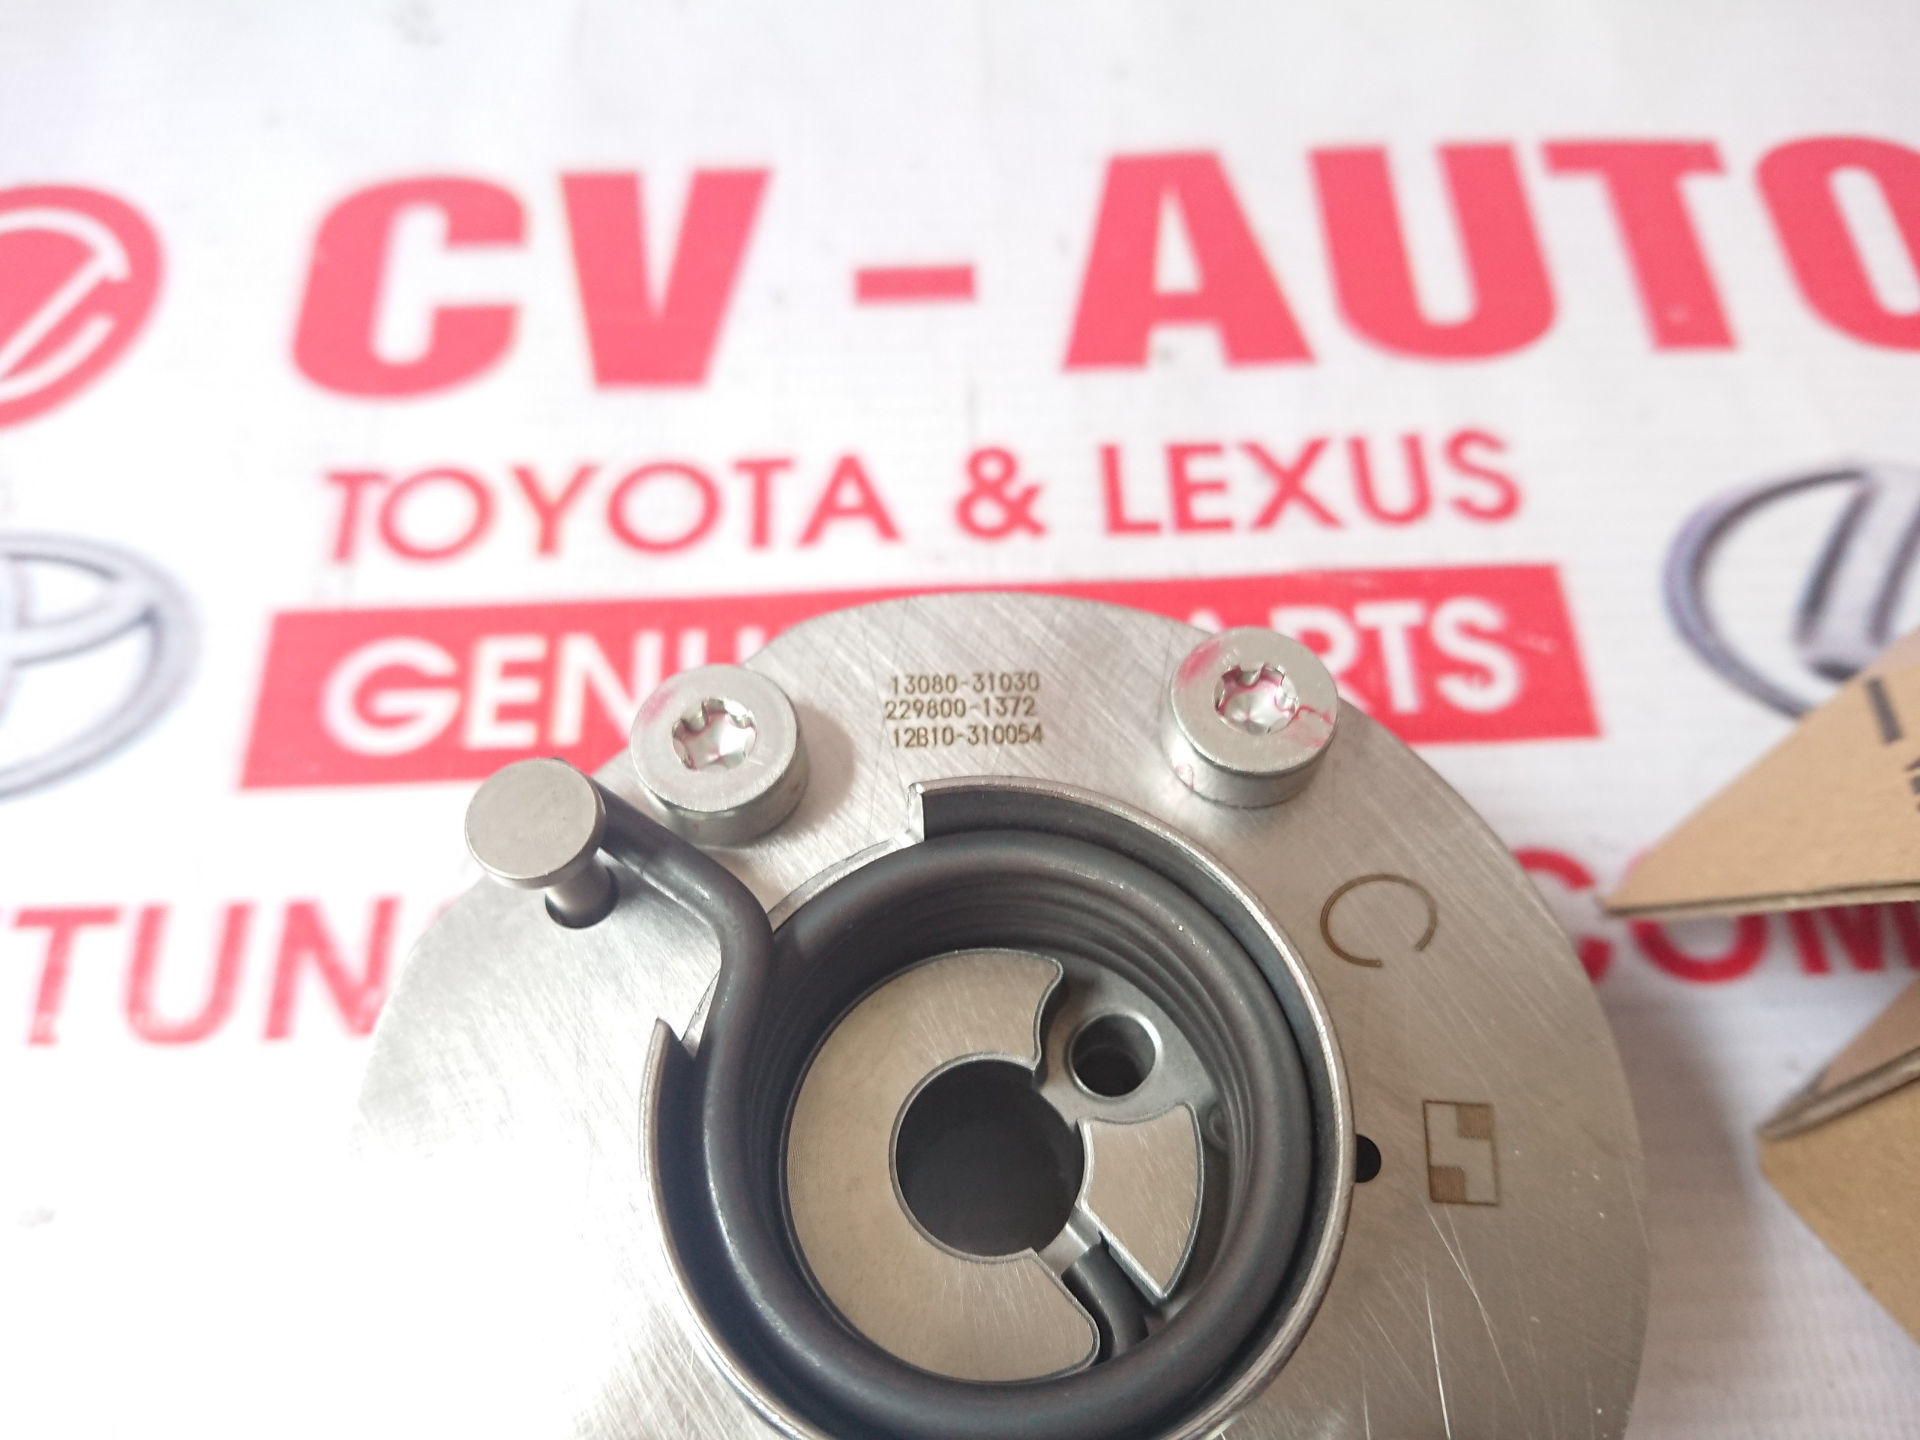 Picture of 13080-31030 Nhông cam xả Toyota Lexus động cơ 2GR